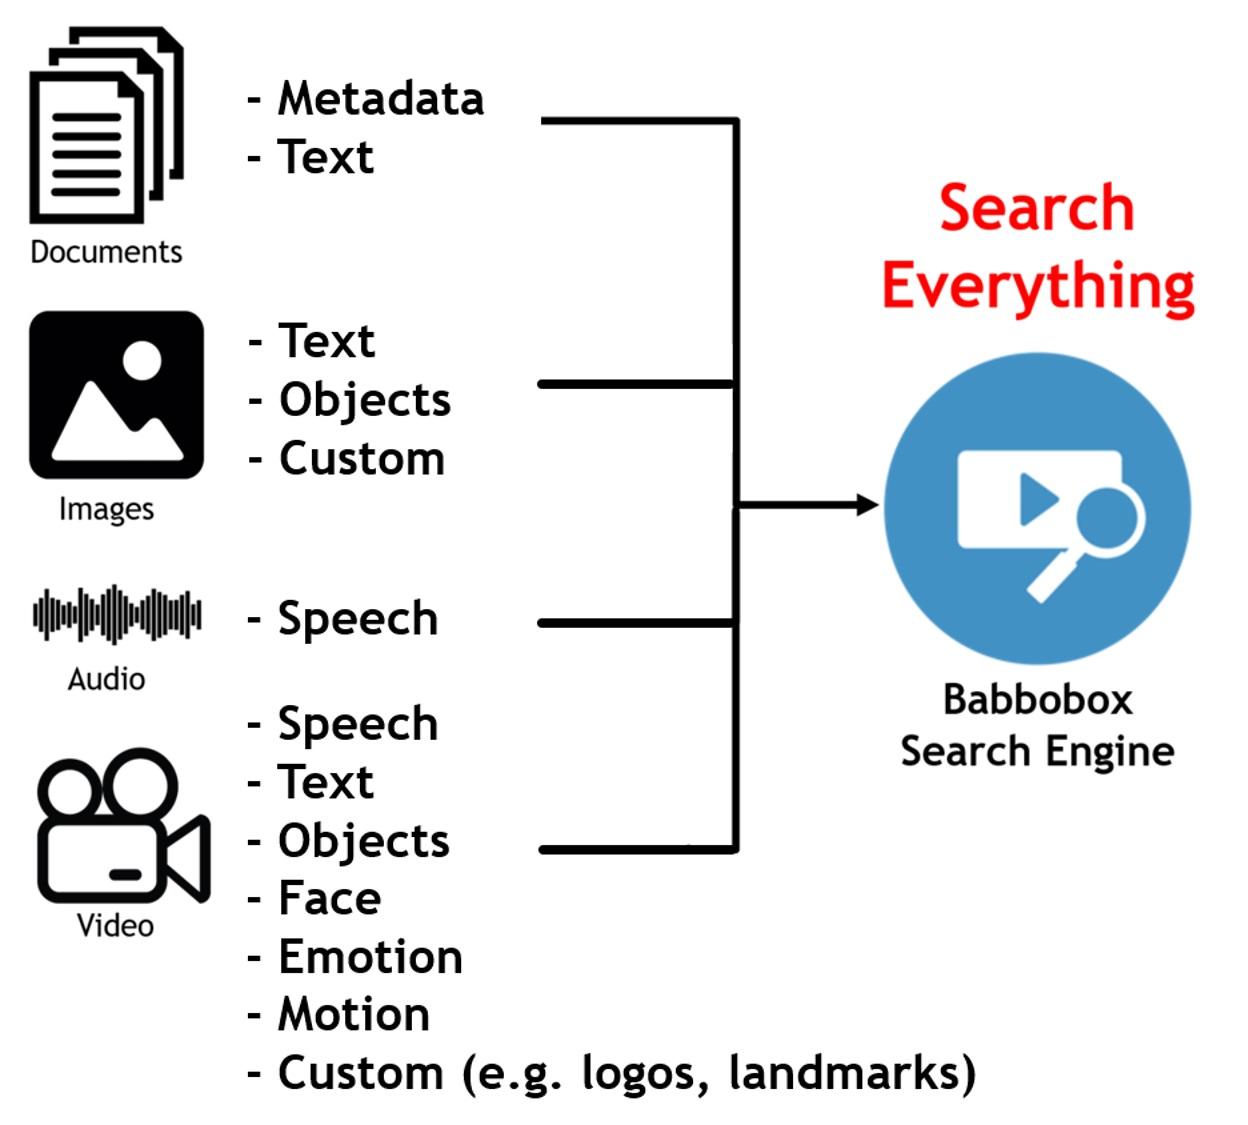 Babbobox_search_engine_elements.jpg